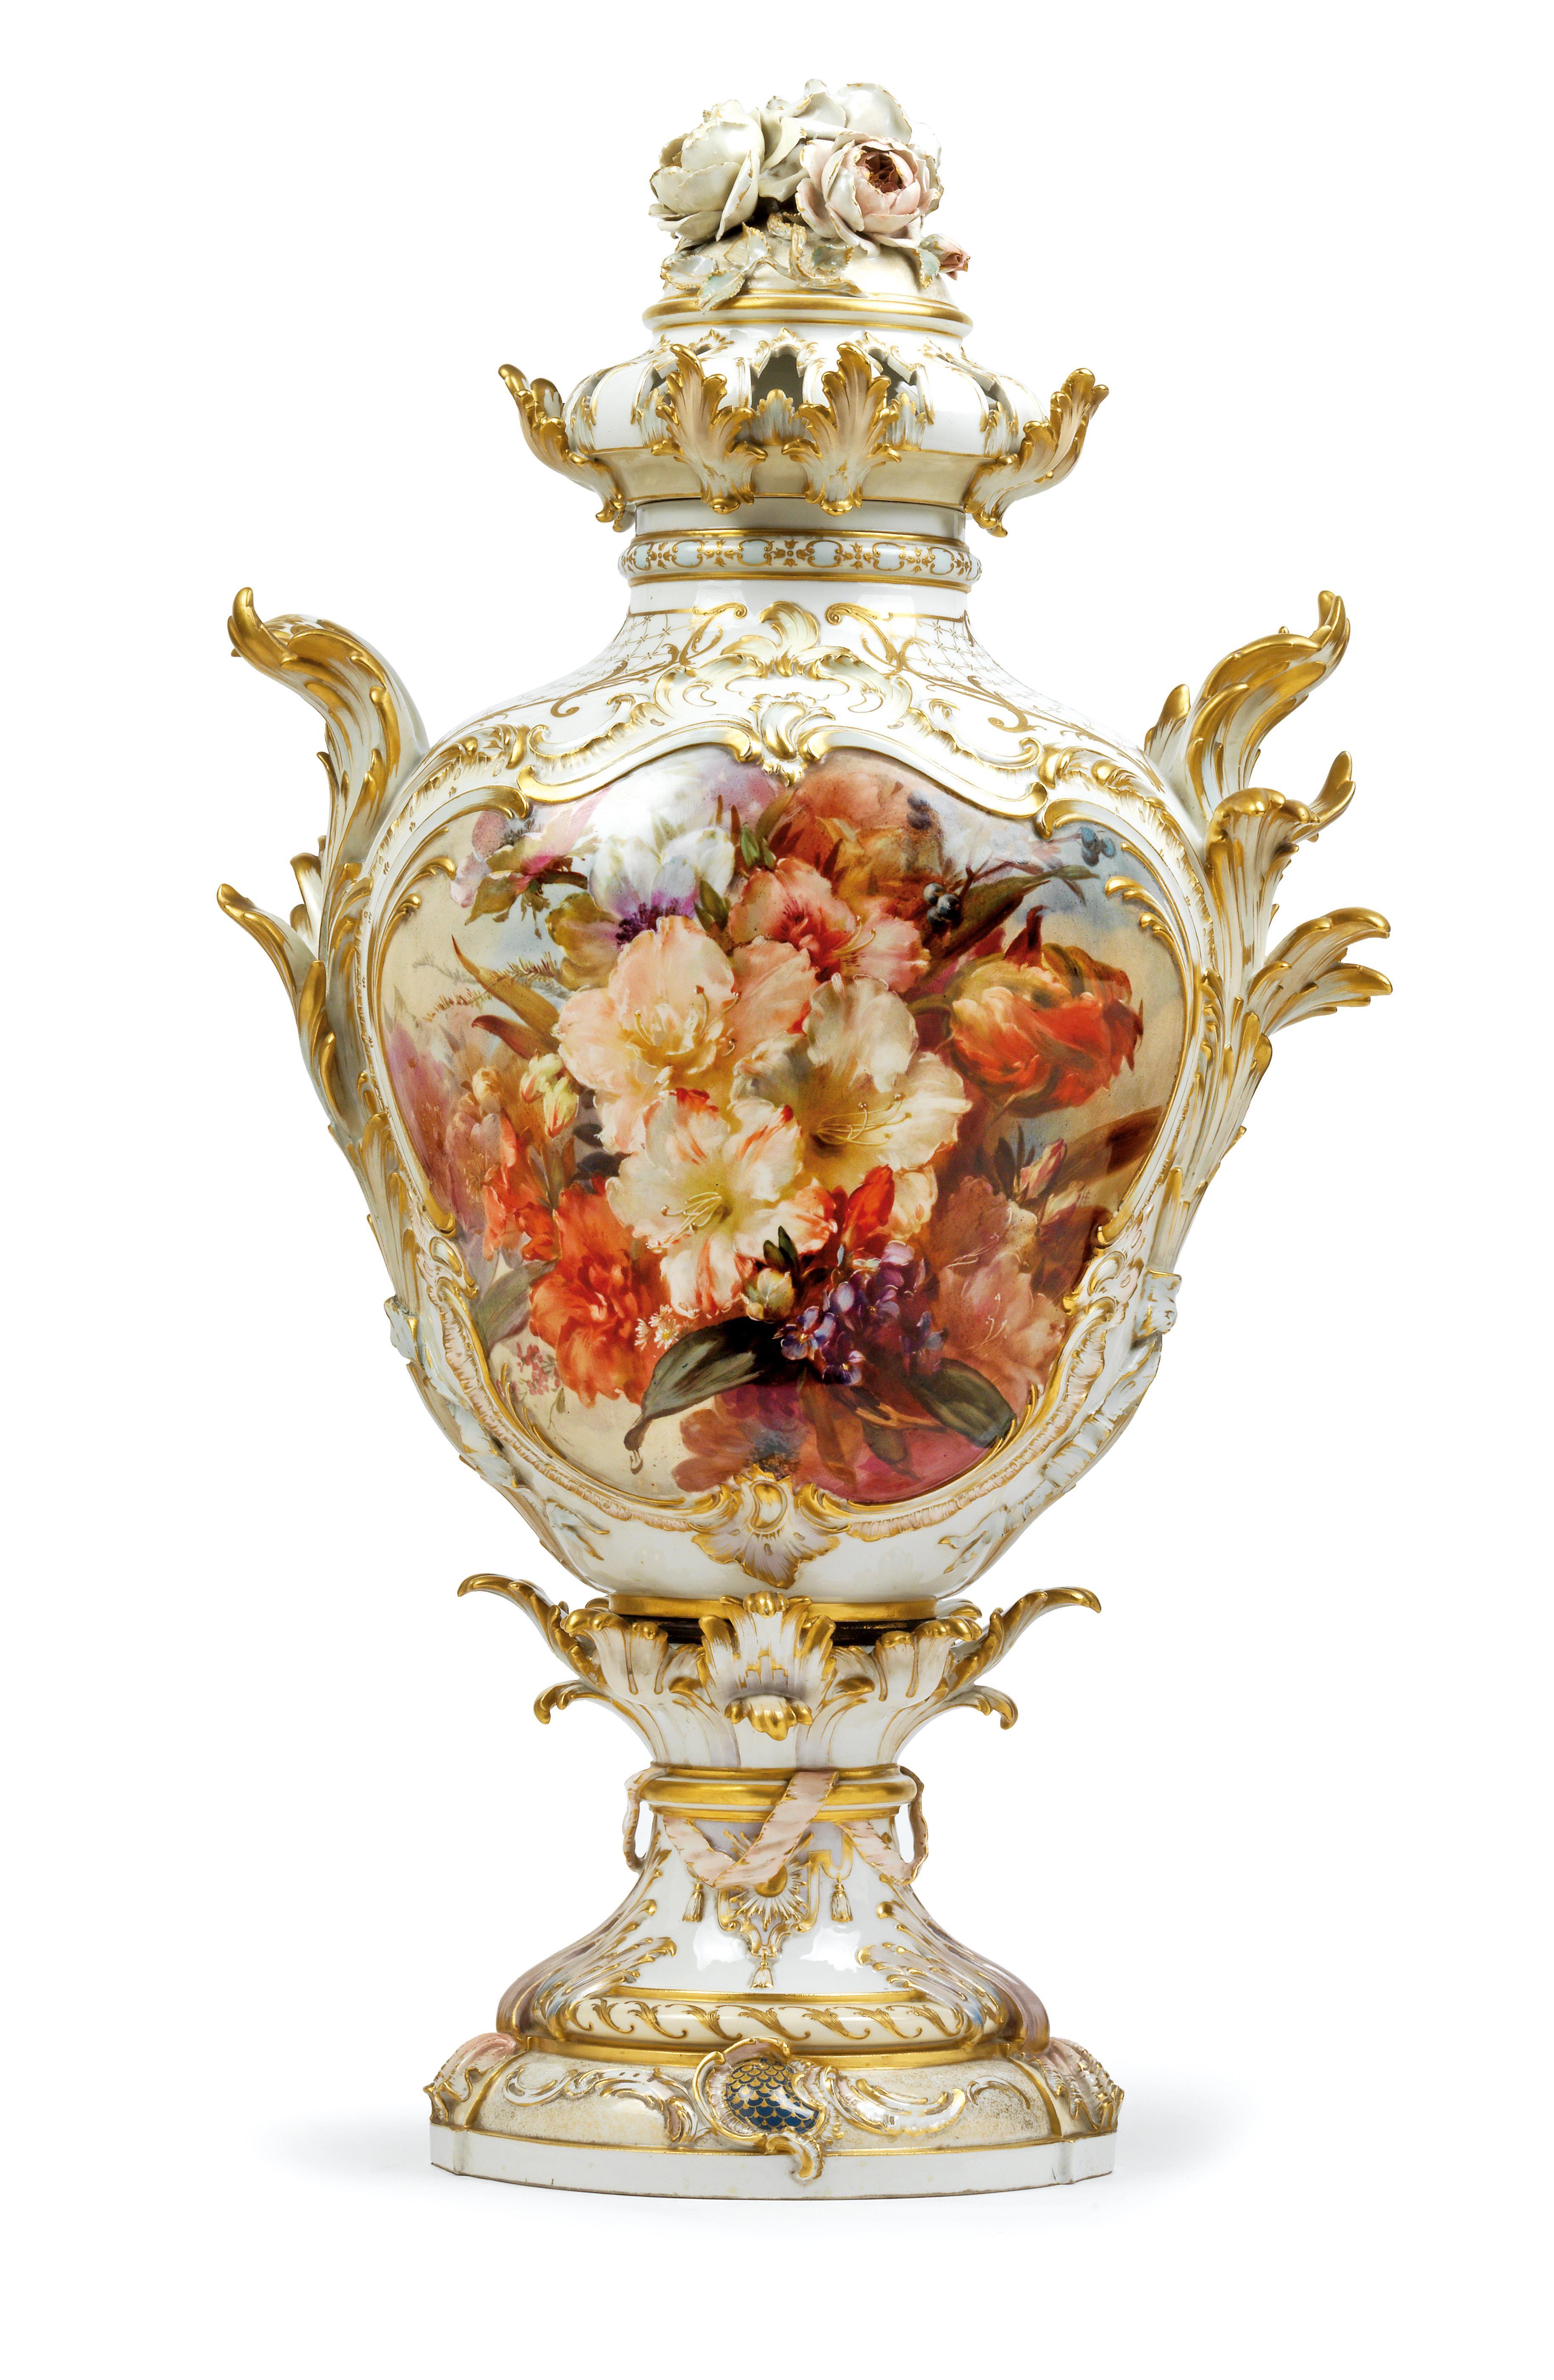 Ernst Heinecke – Vase en porcelaine tendre, image ©Dorotheum